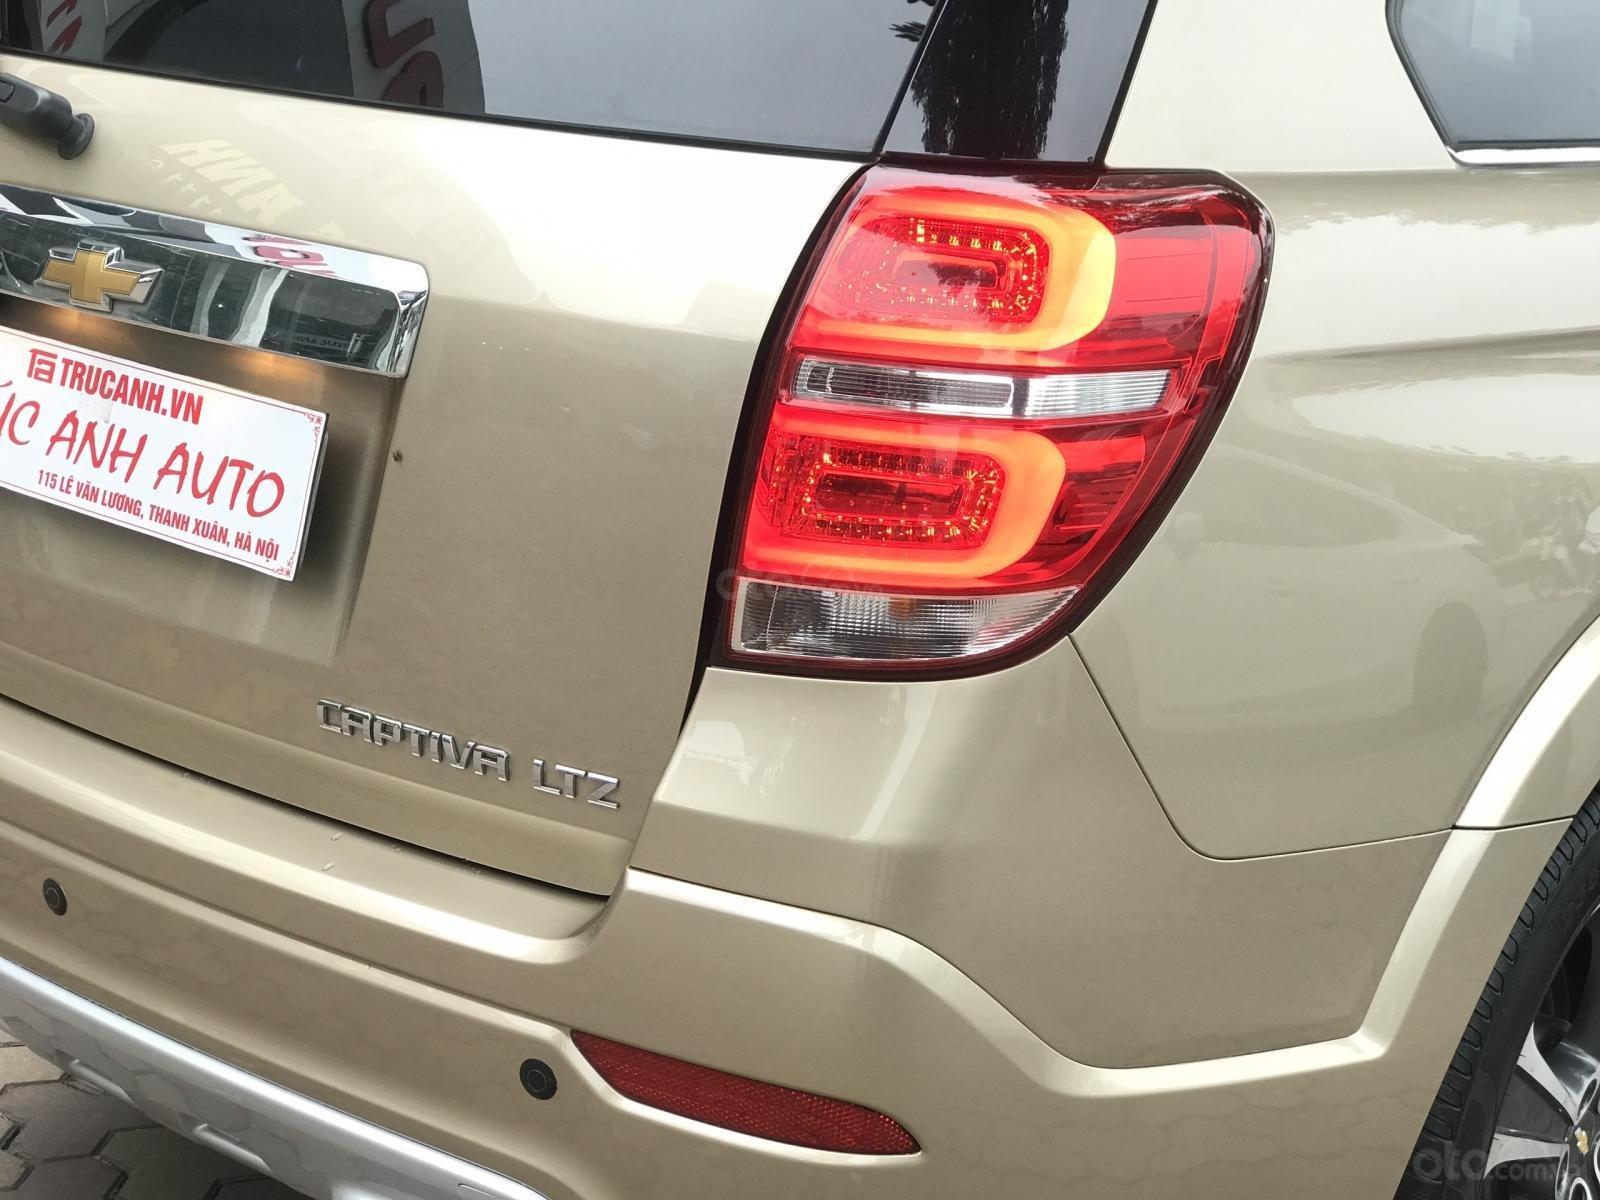 Cần bán Chevrolet Captiva LTZ sản xuất 2017, màu vàng, số tự động (8)